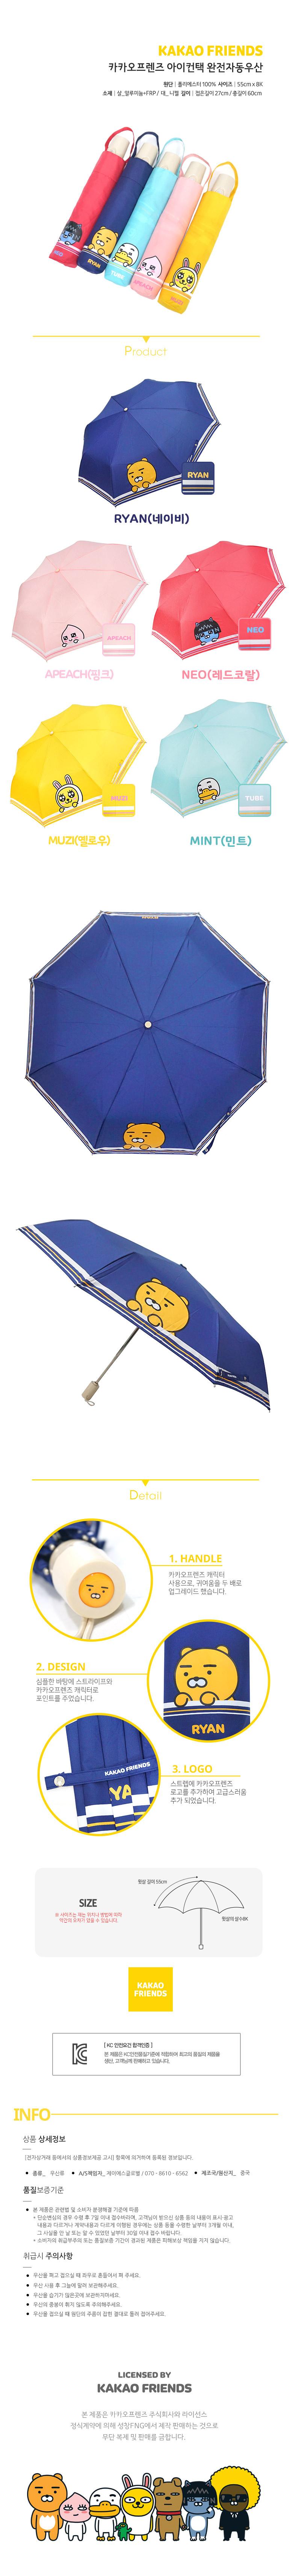 카카오프렌즈(KAKAO FRIENDS) 3단 완전자동우산 [아이컨택-70015]